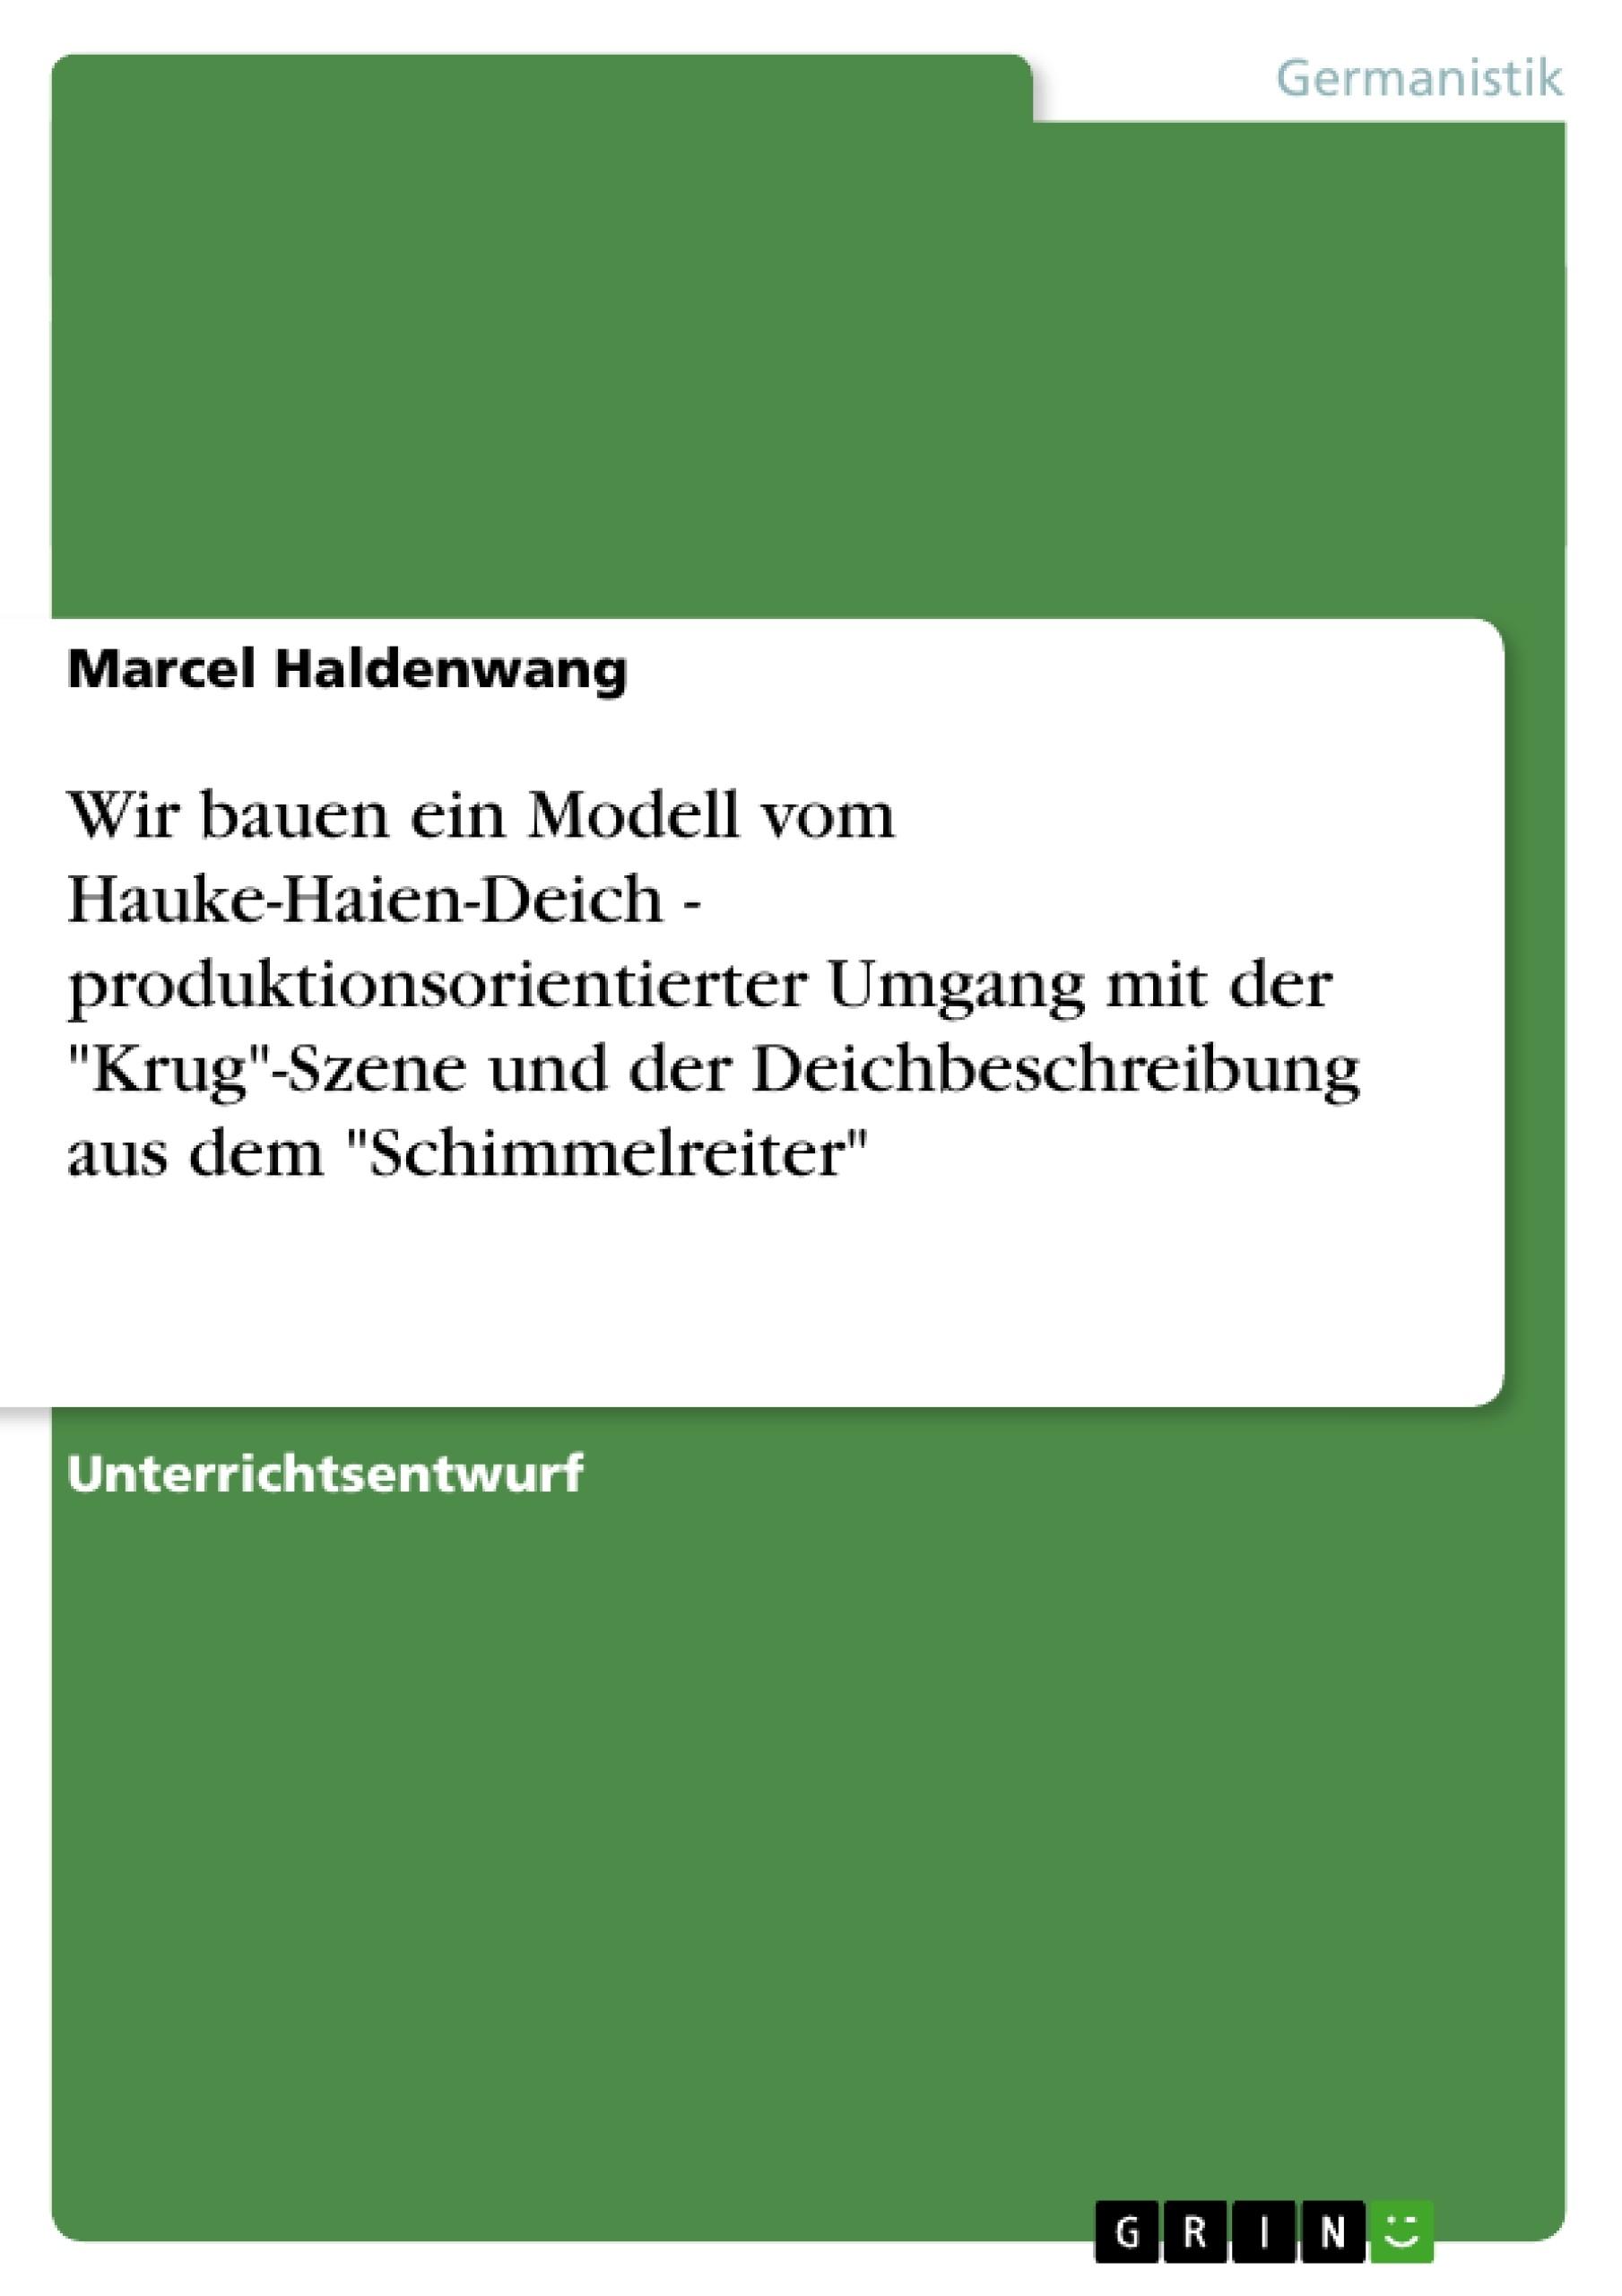 """Titel: Wir bauen ein Modell vom Hauke-Haien-Deich - produktionsorientierter Umgang mit der """"Krug""""-Szene und der Deichbeschreibung aus dem """"Schimmelreiter"""""""